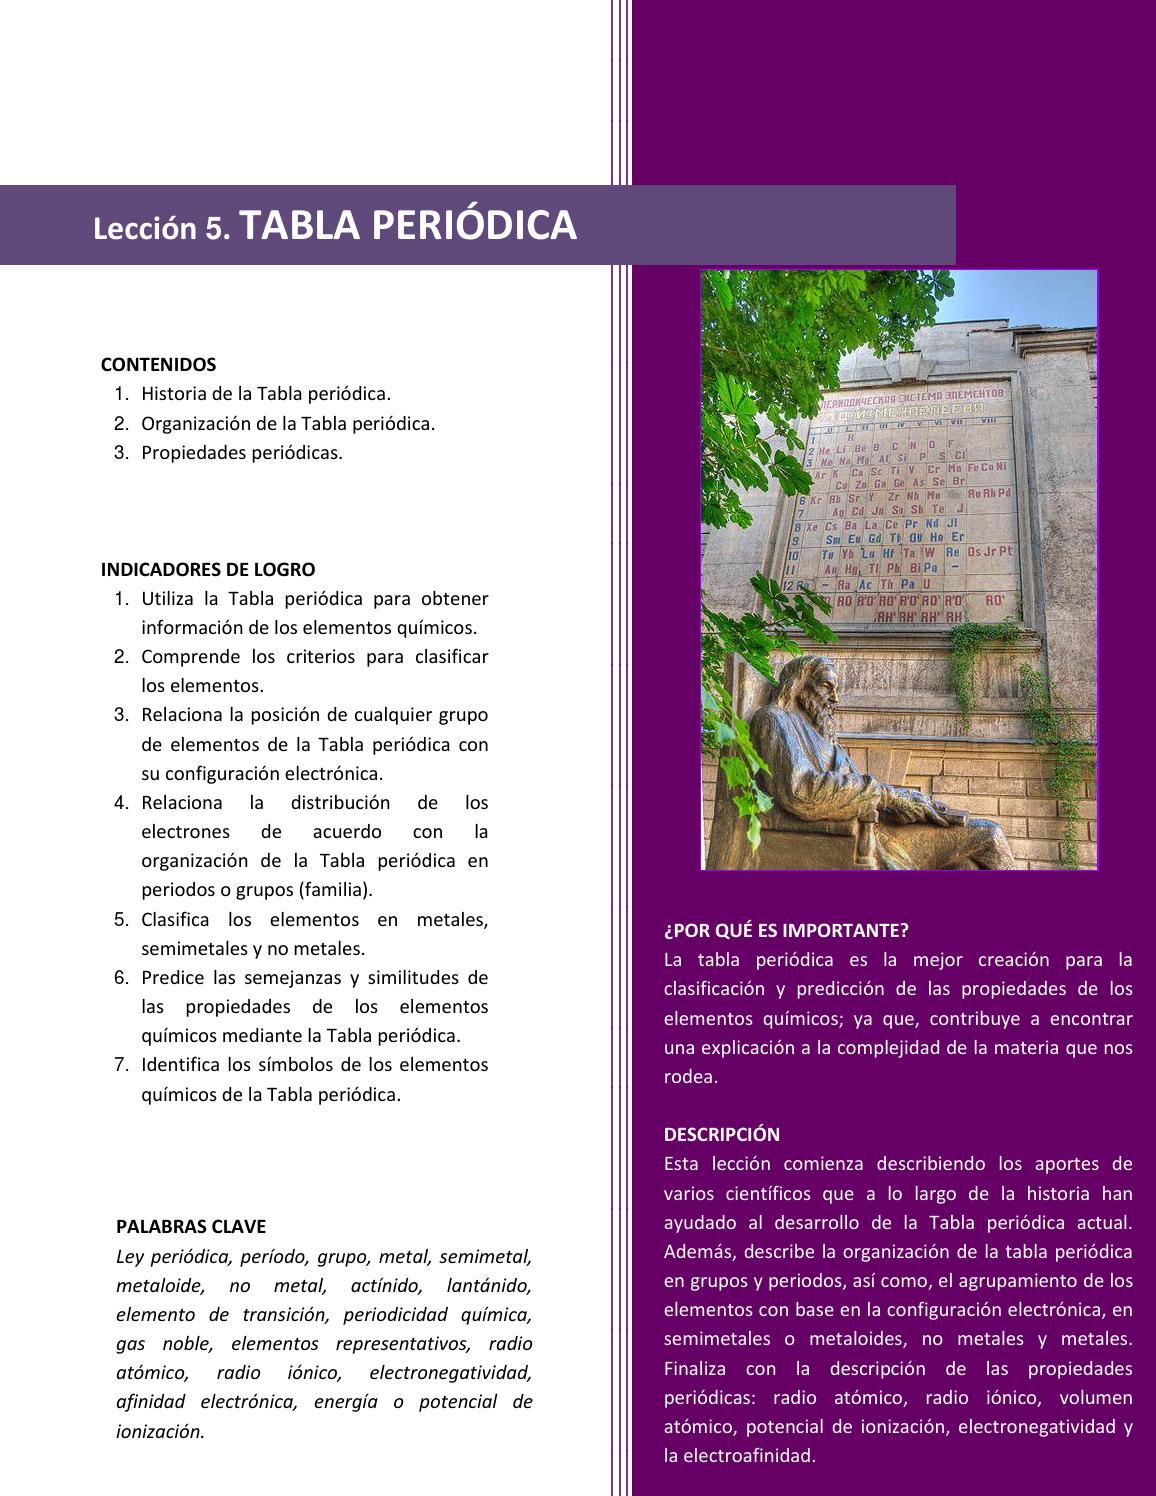 CIENCIAS NATURALES 09 By Arnoldo Romero Issuu